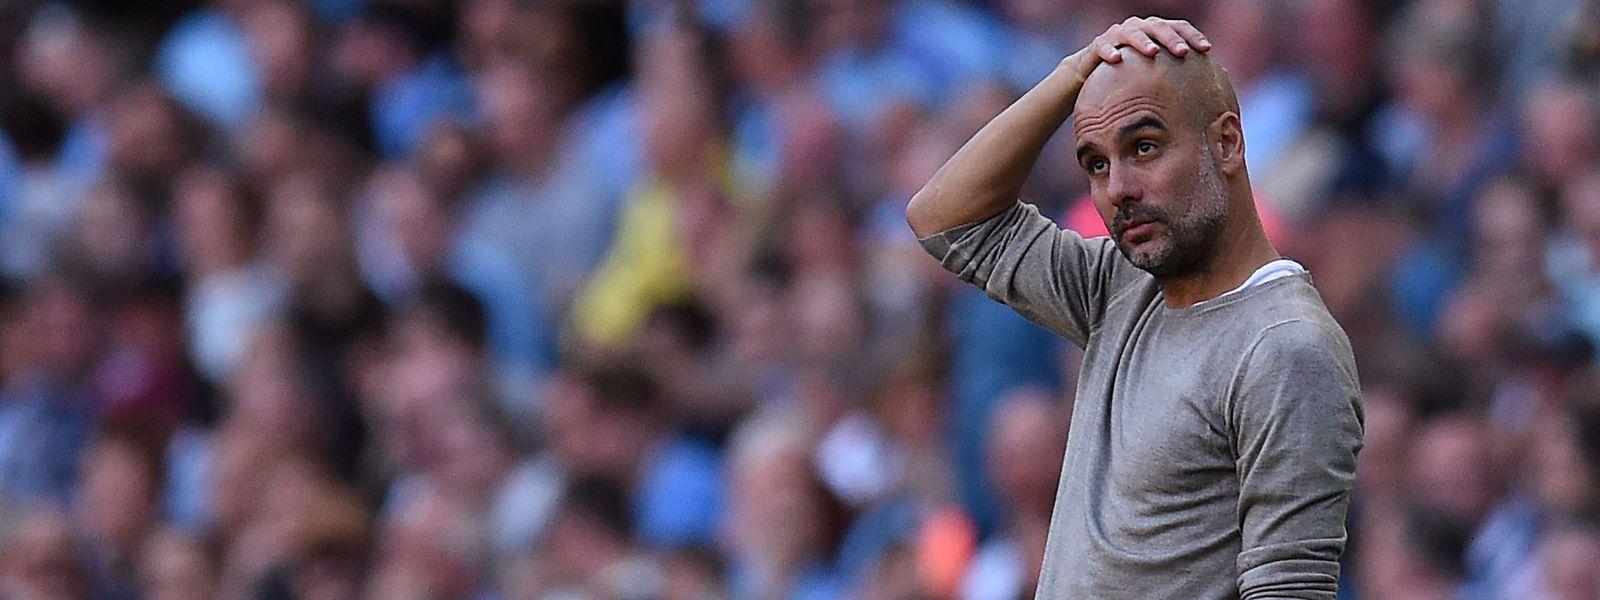 Selbst Perfektionist Pep Guardiola dürfte an der Leistung seiner Mannschaft eher wenig auszusetzen haben.